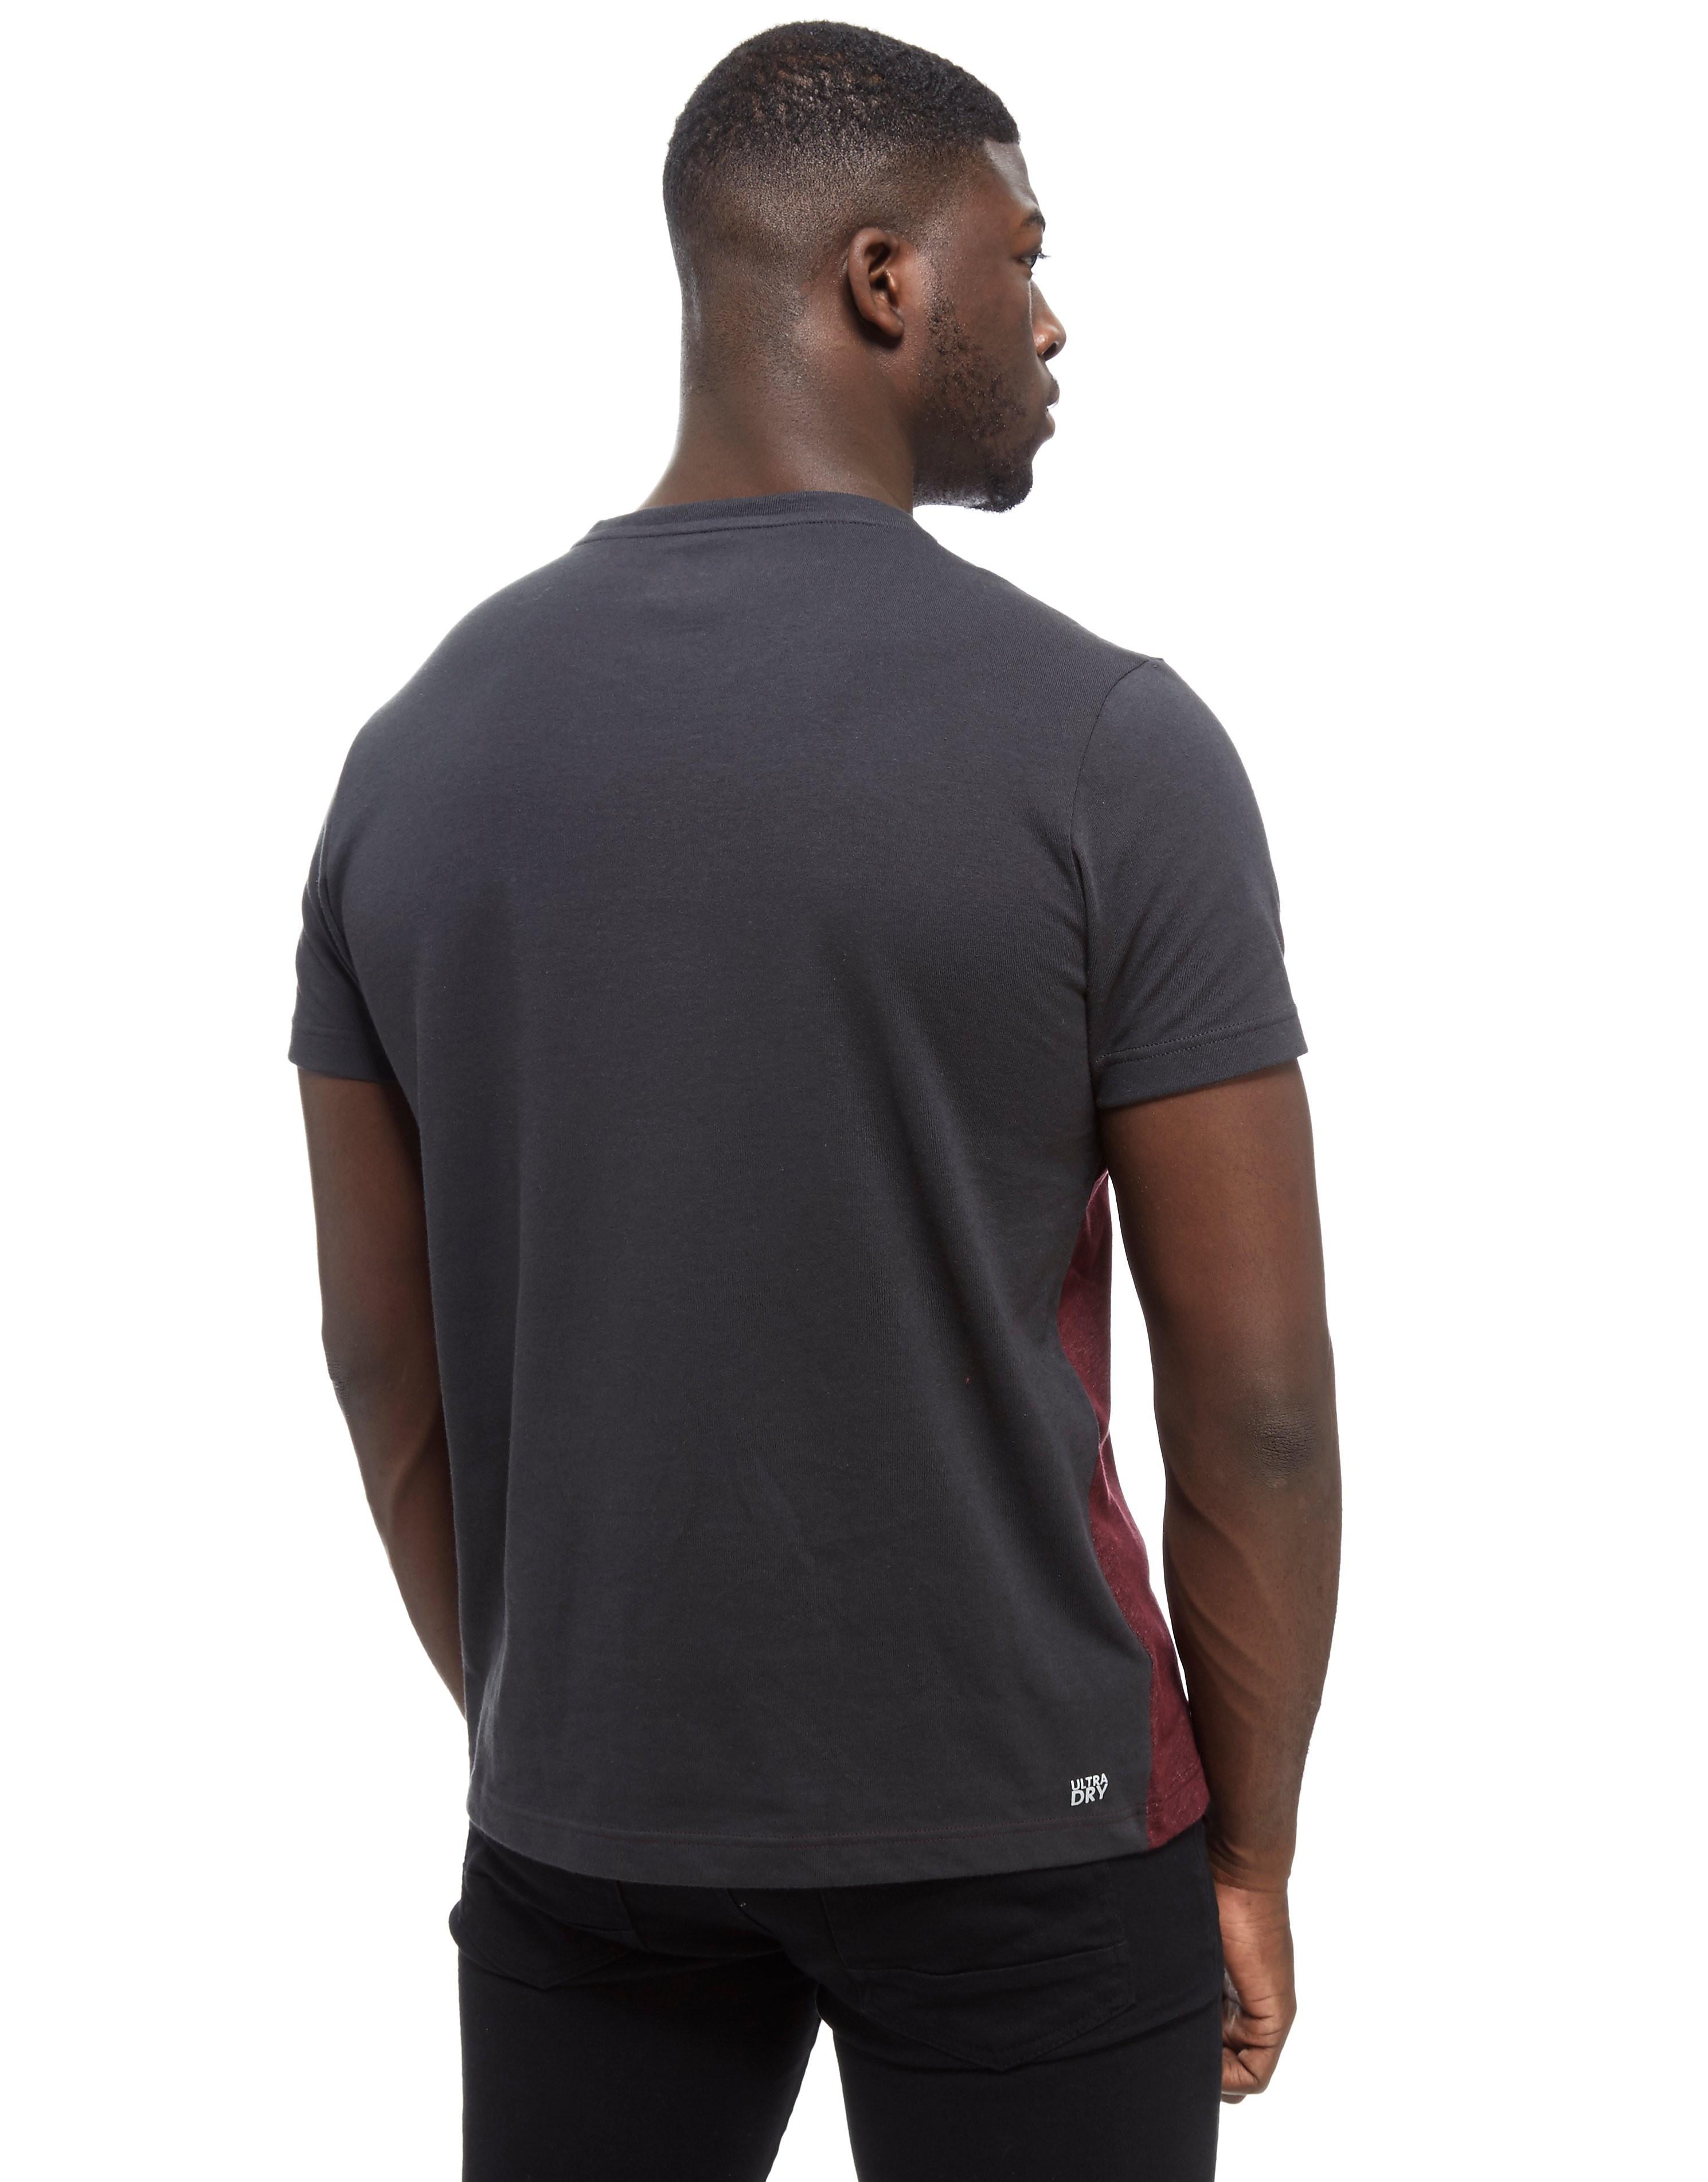 Lacoste Colourblock T-Shirt